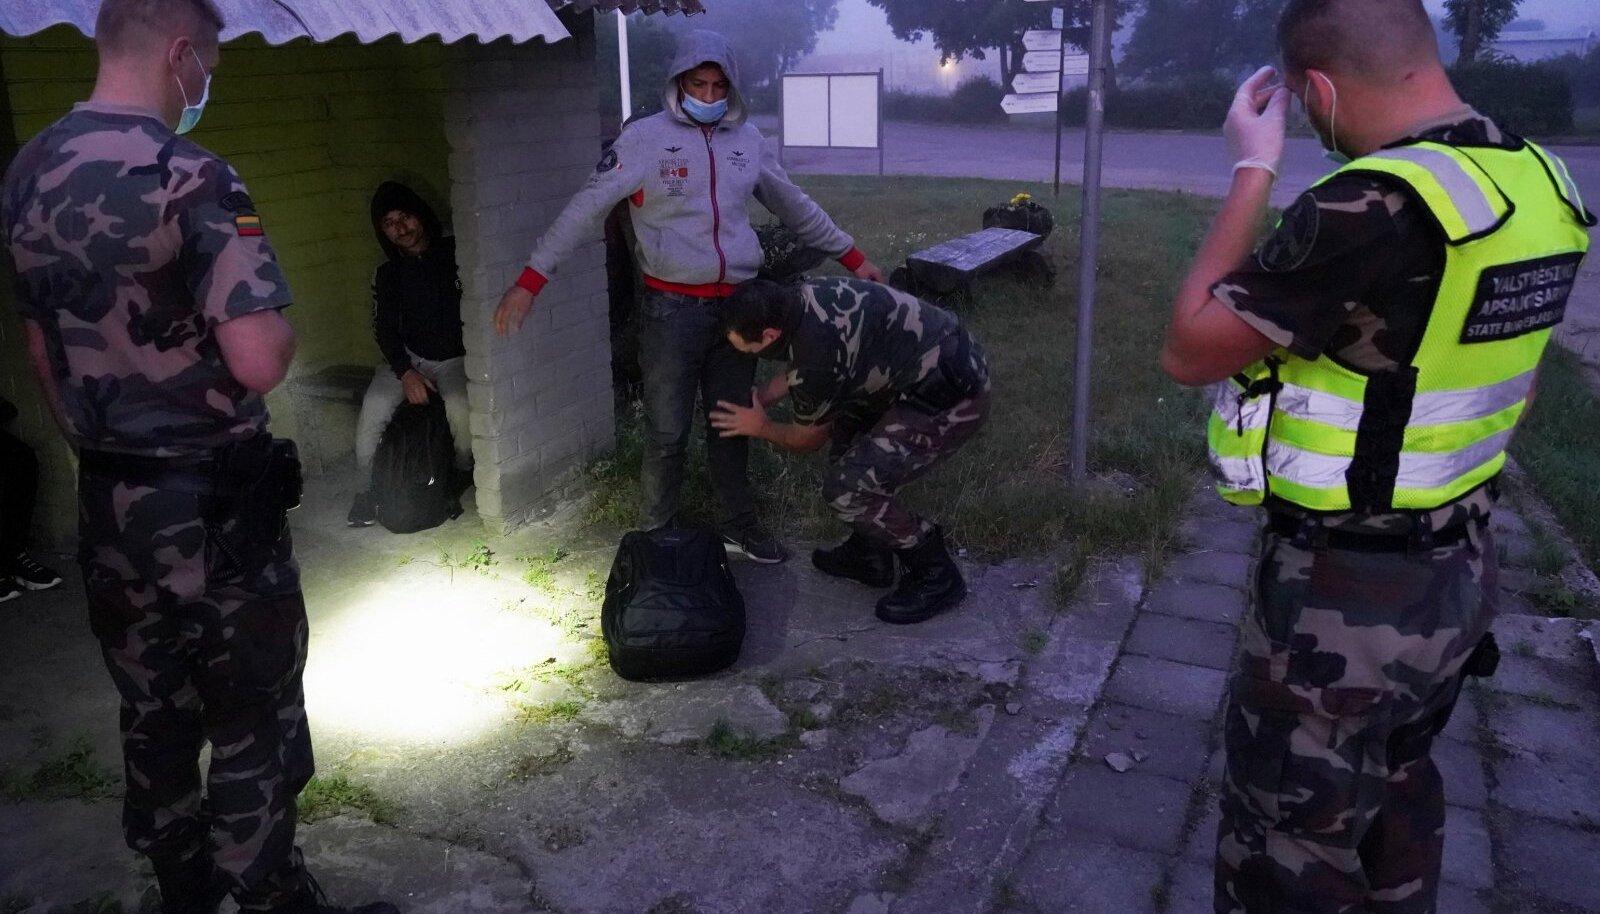 Leedu piiril on tabatud järjekordne grupp illegaale.